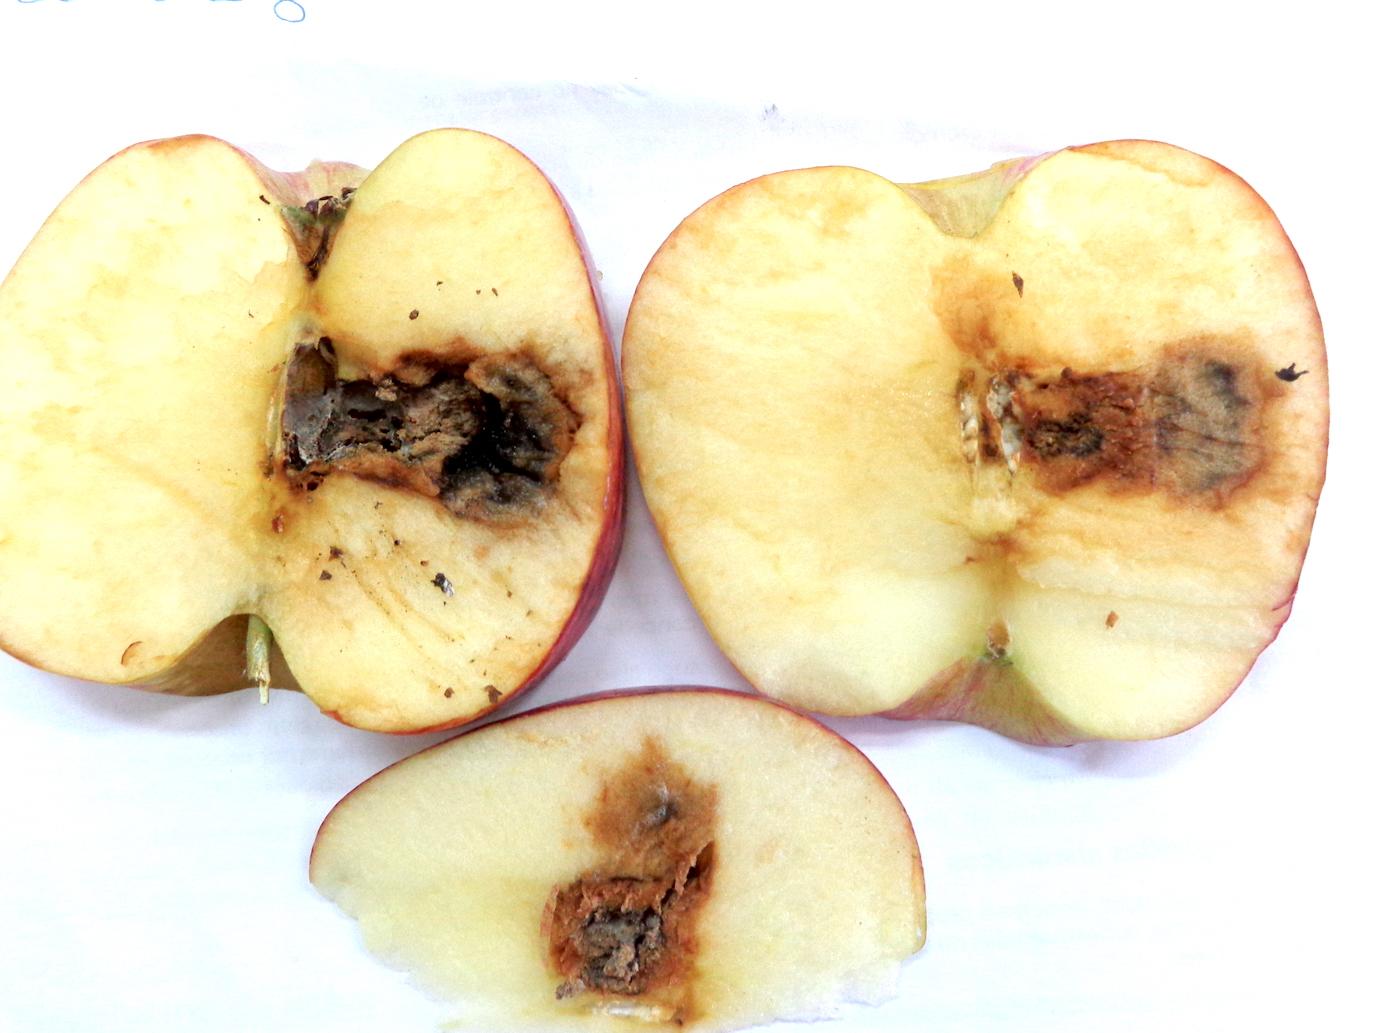 Podridão carpelar em maçãs oriundas da Argentina